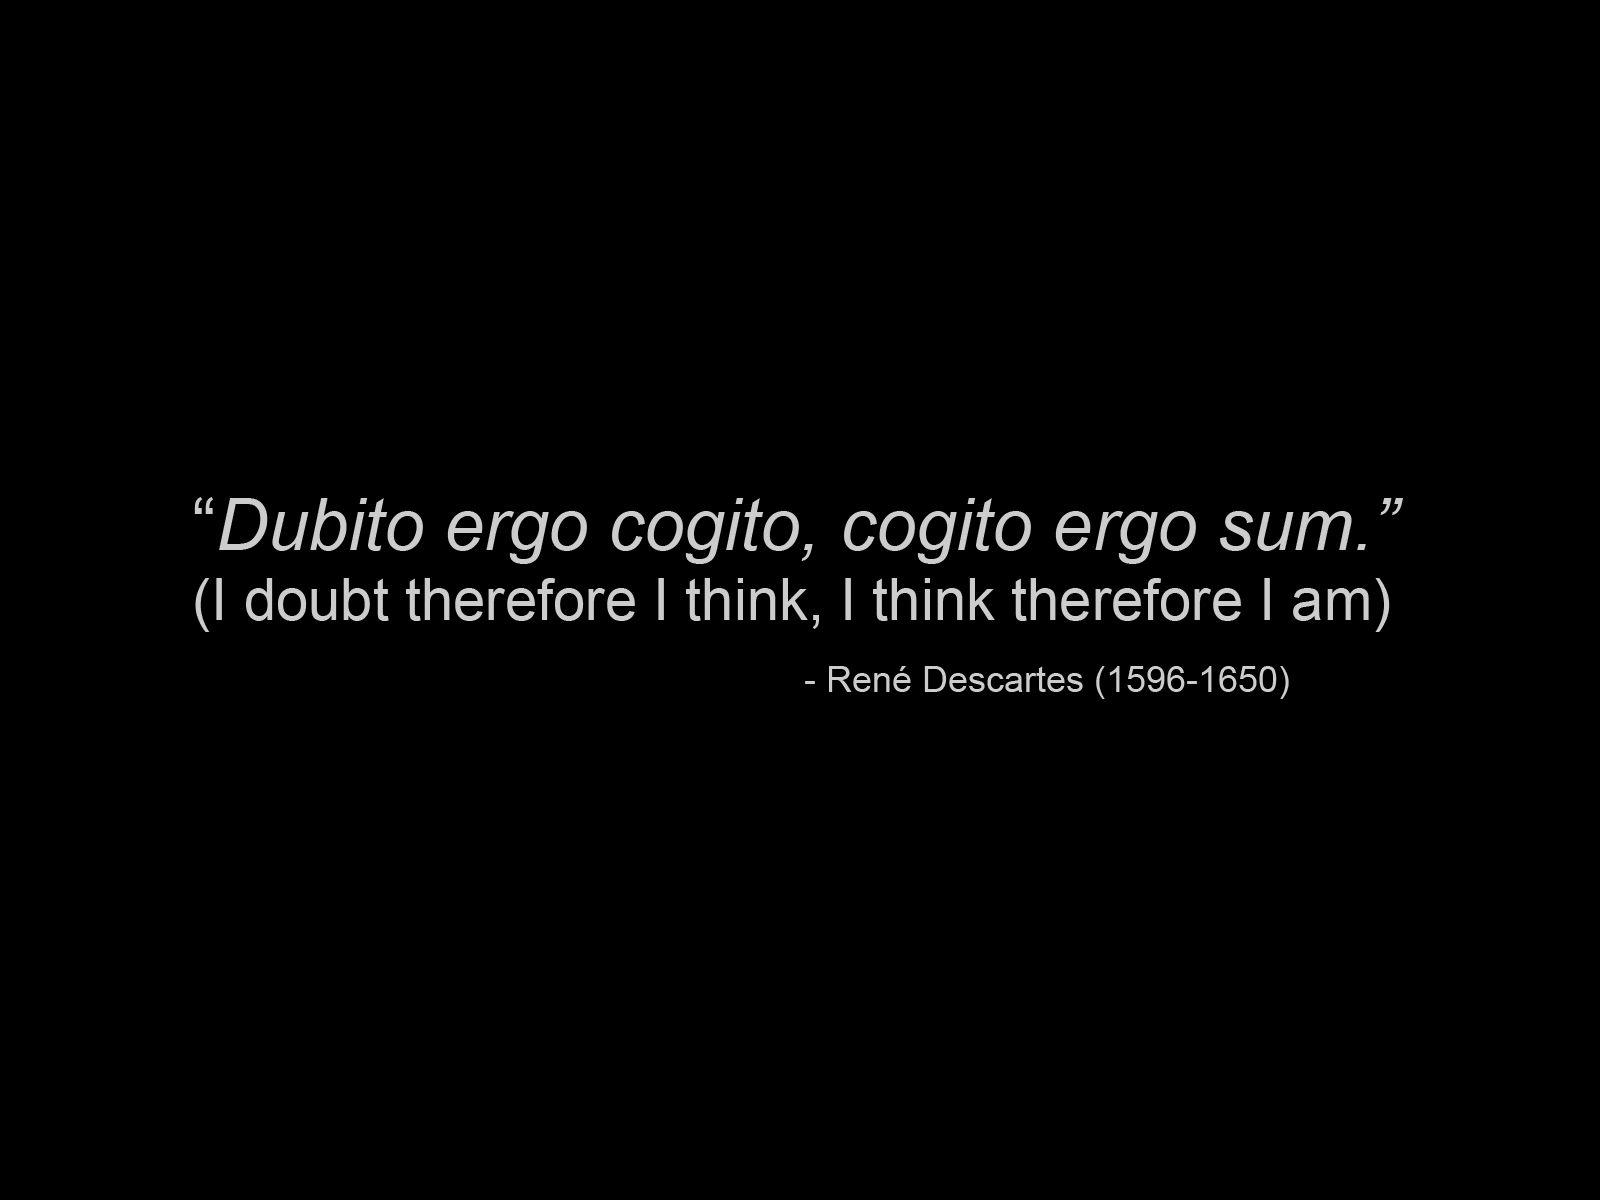 Rene Descartes's quote